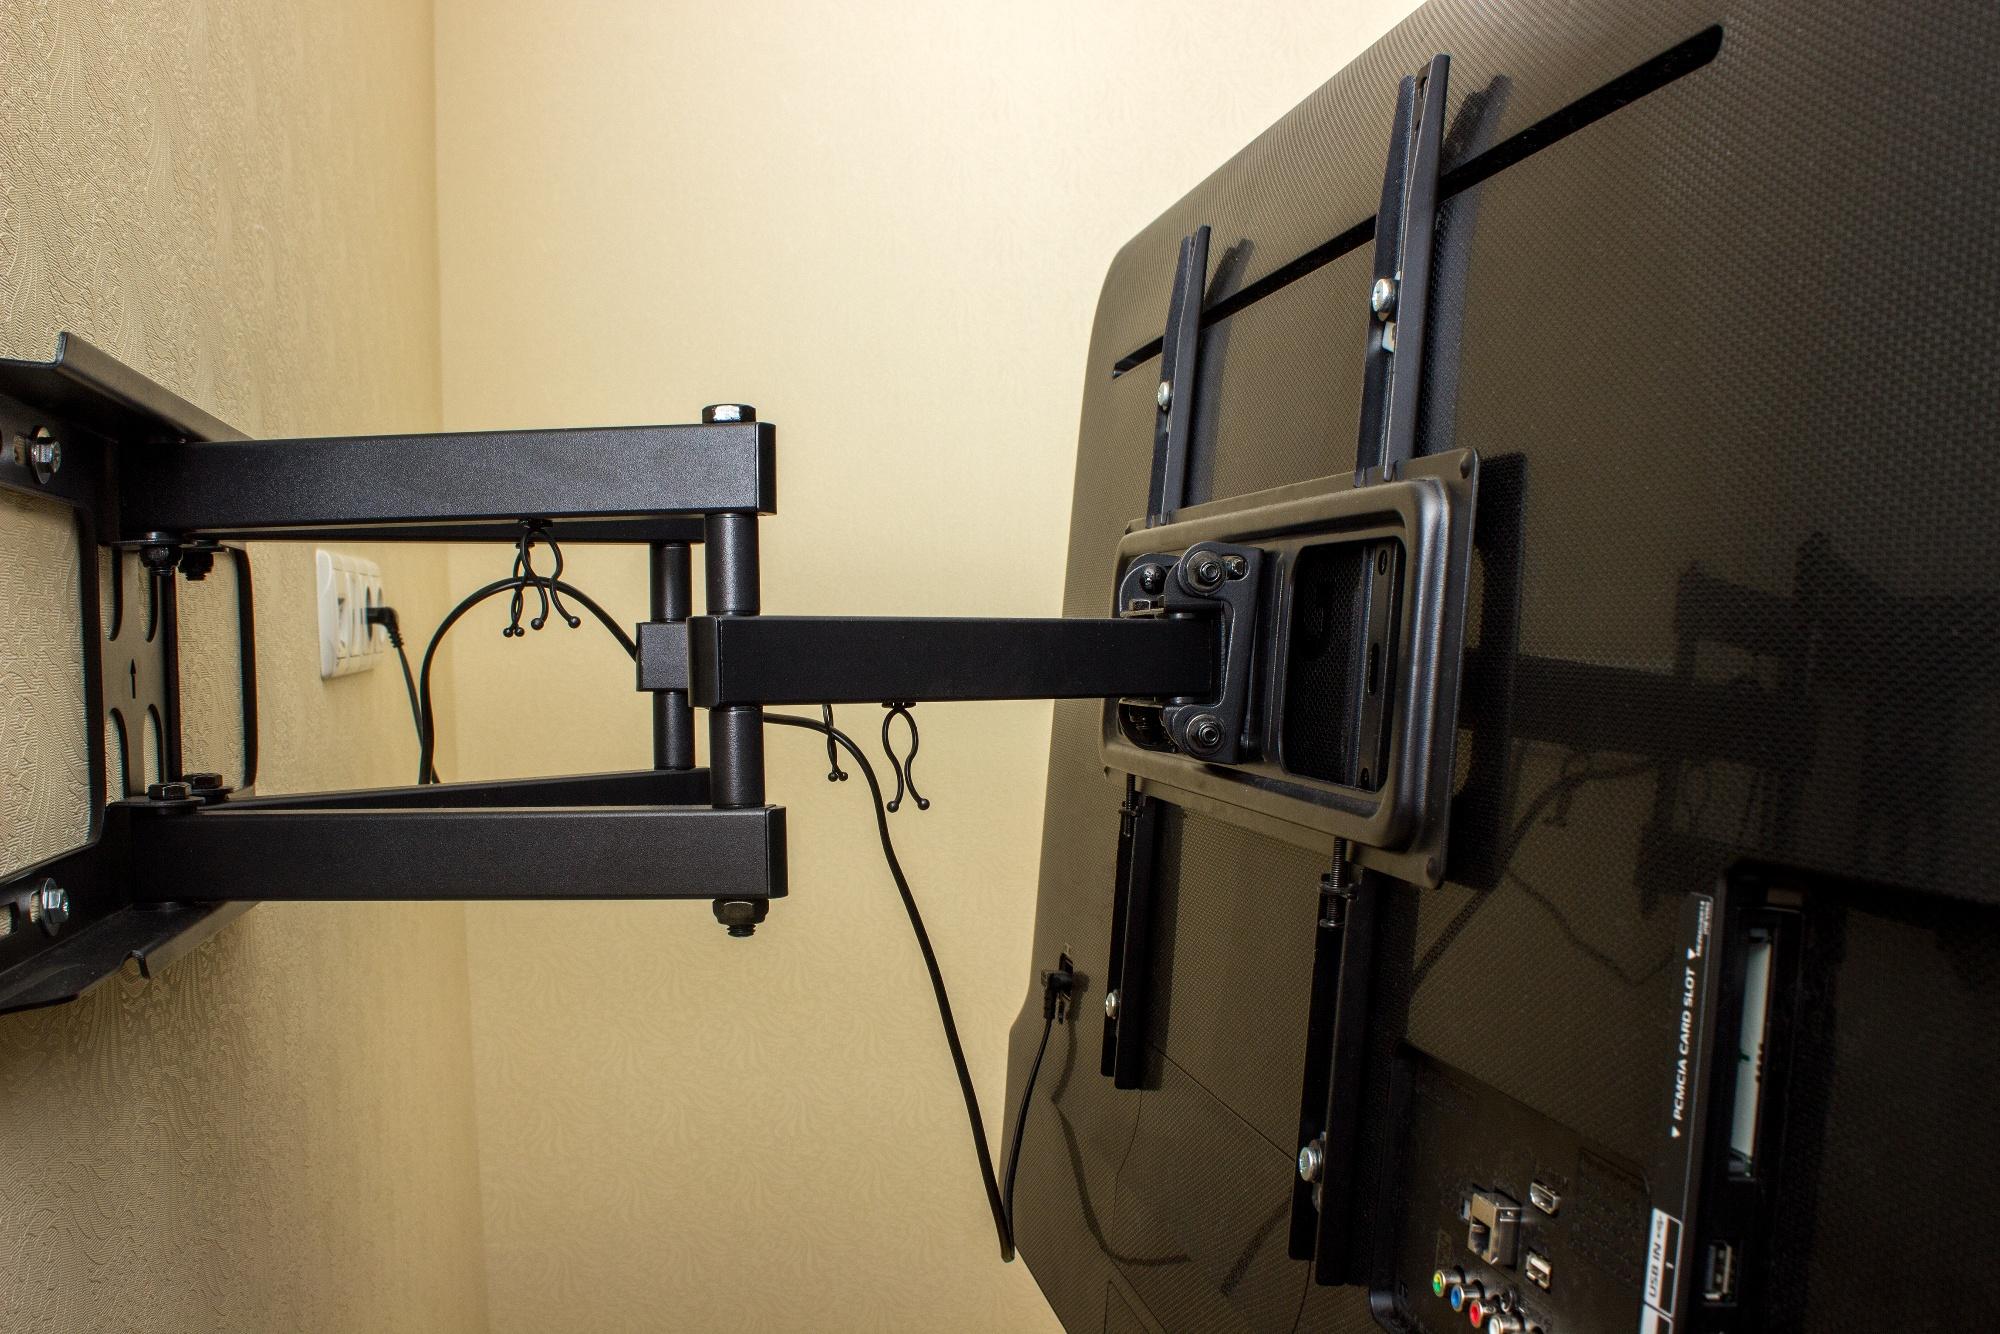 TV mount styles